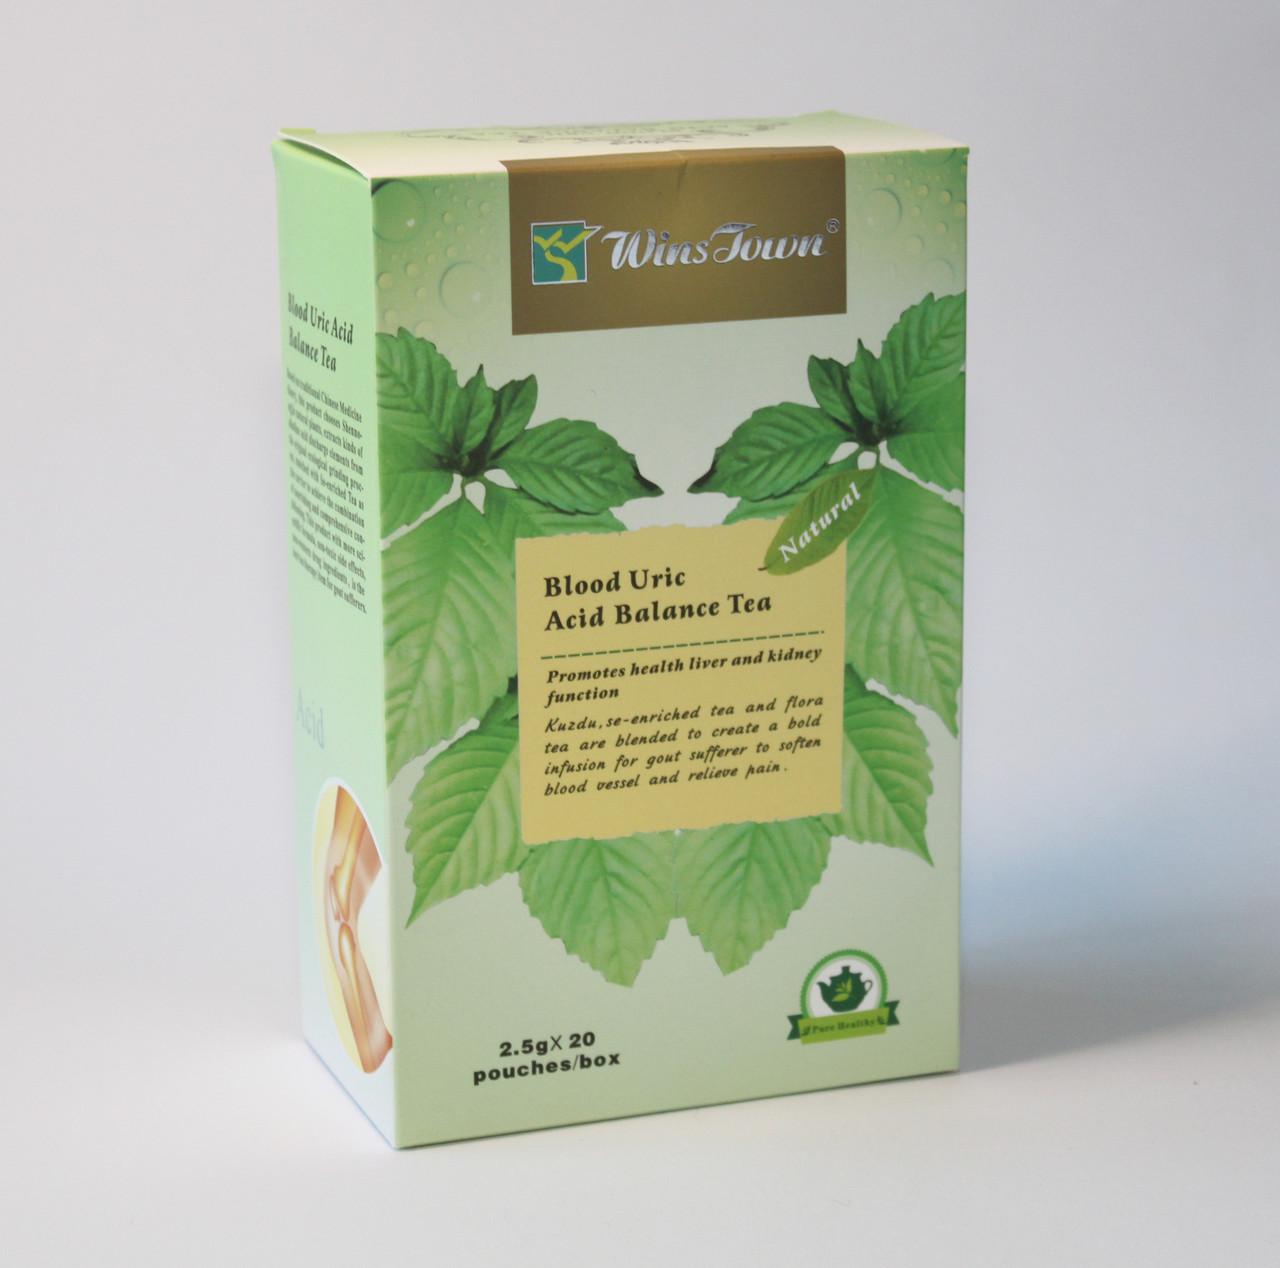 Чай от подагры для баланса мочевой кислоты Blood Uric Acid Balance Tea